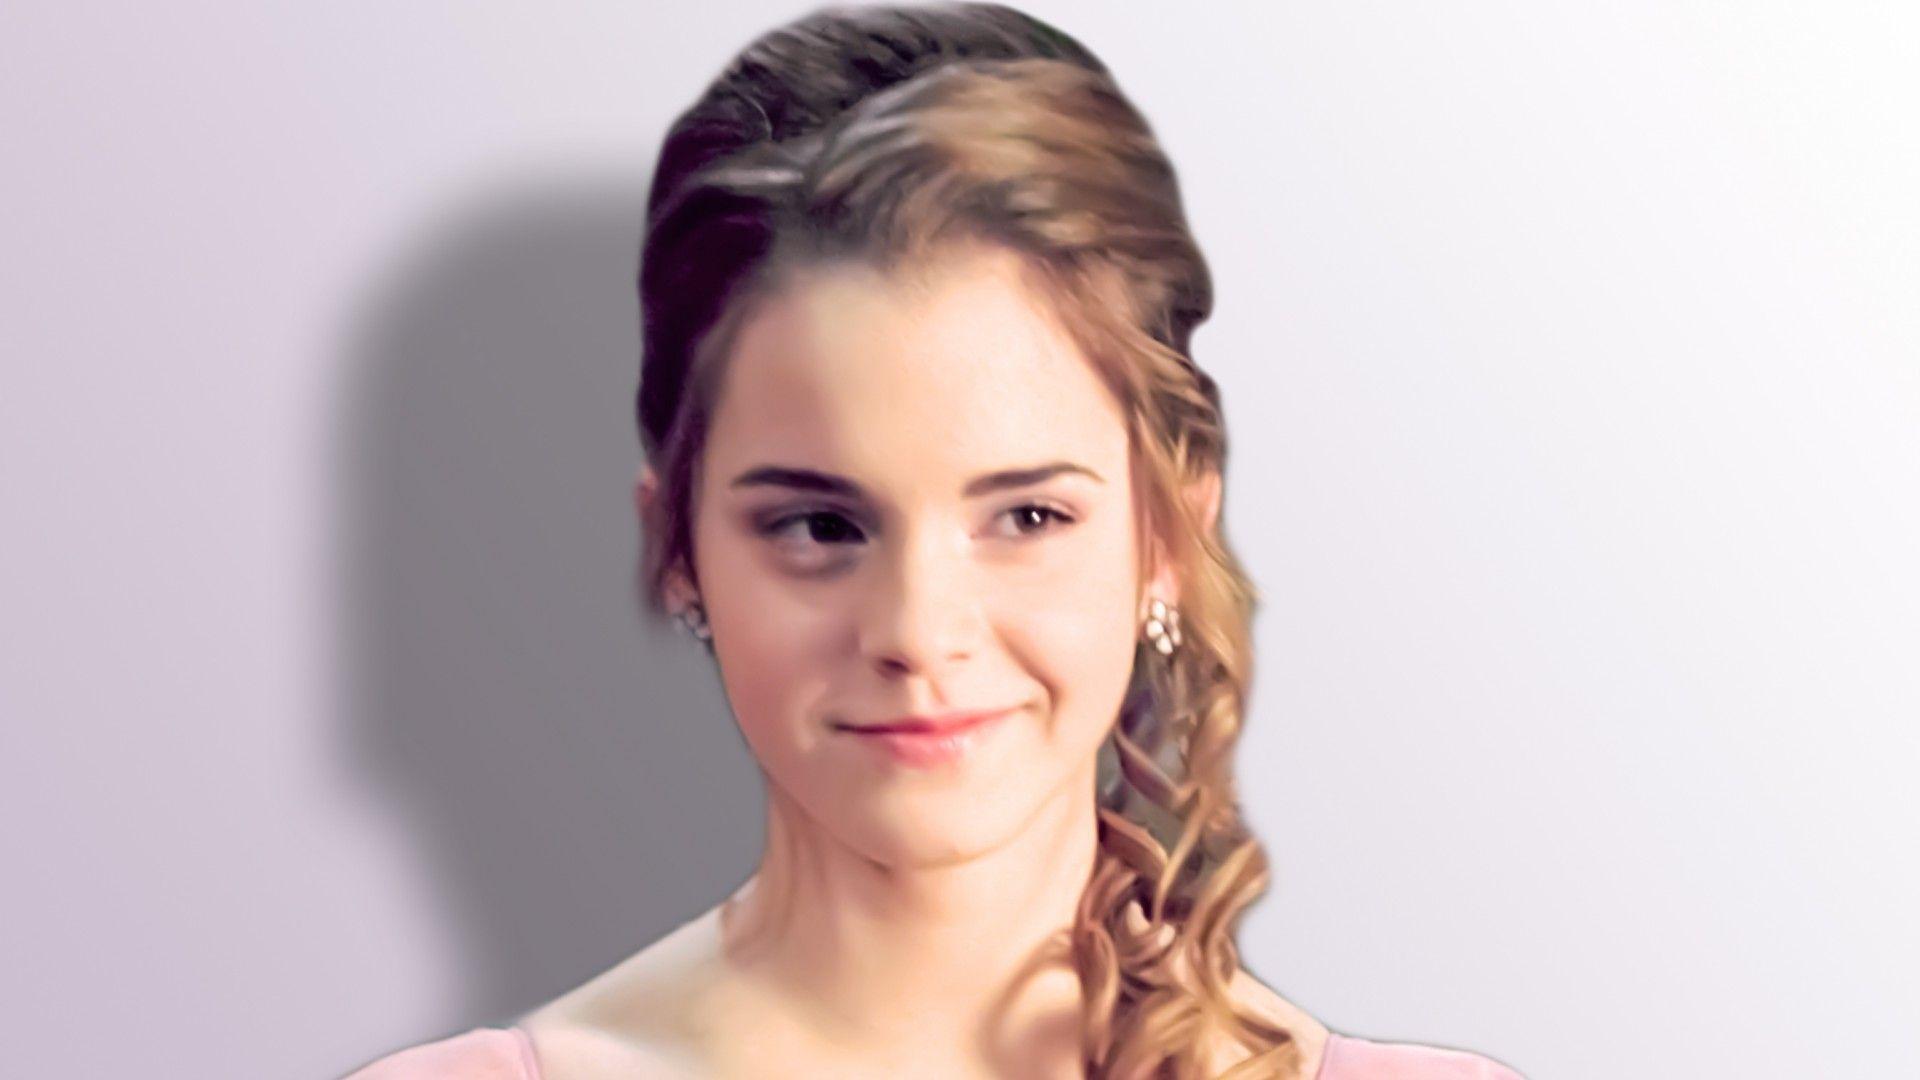 Hd wallpaper emma watson - Emma Watson Wallpapers Celebrities Hd Wallpapers Page 1920 1200 Emma Watson Wallpapers 54 Wallpapers